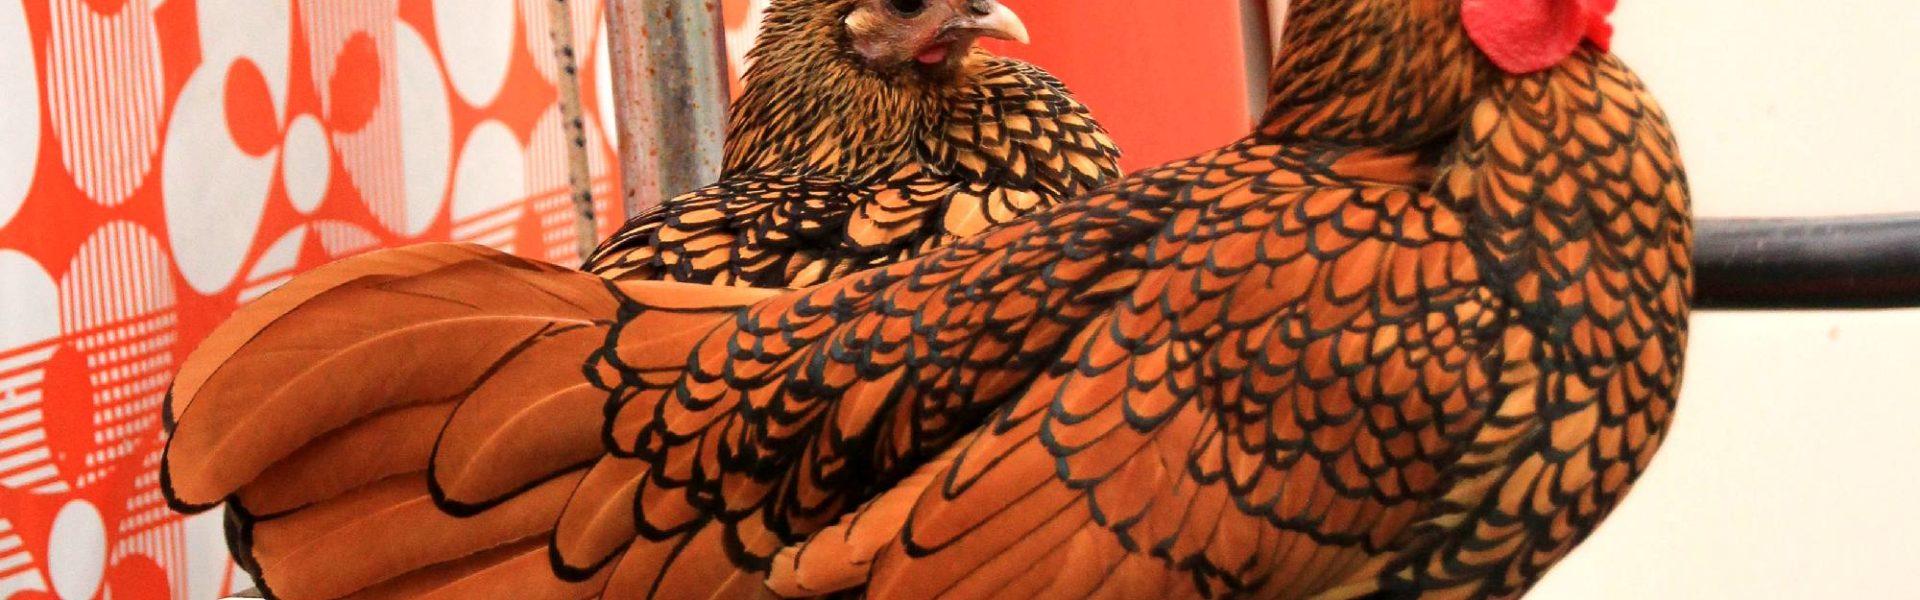 Poules sebright